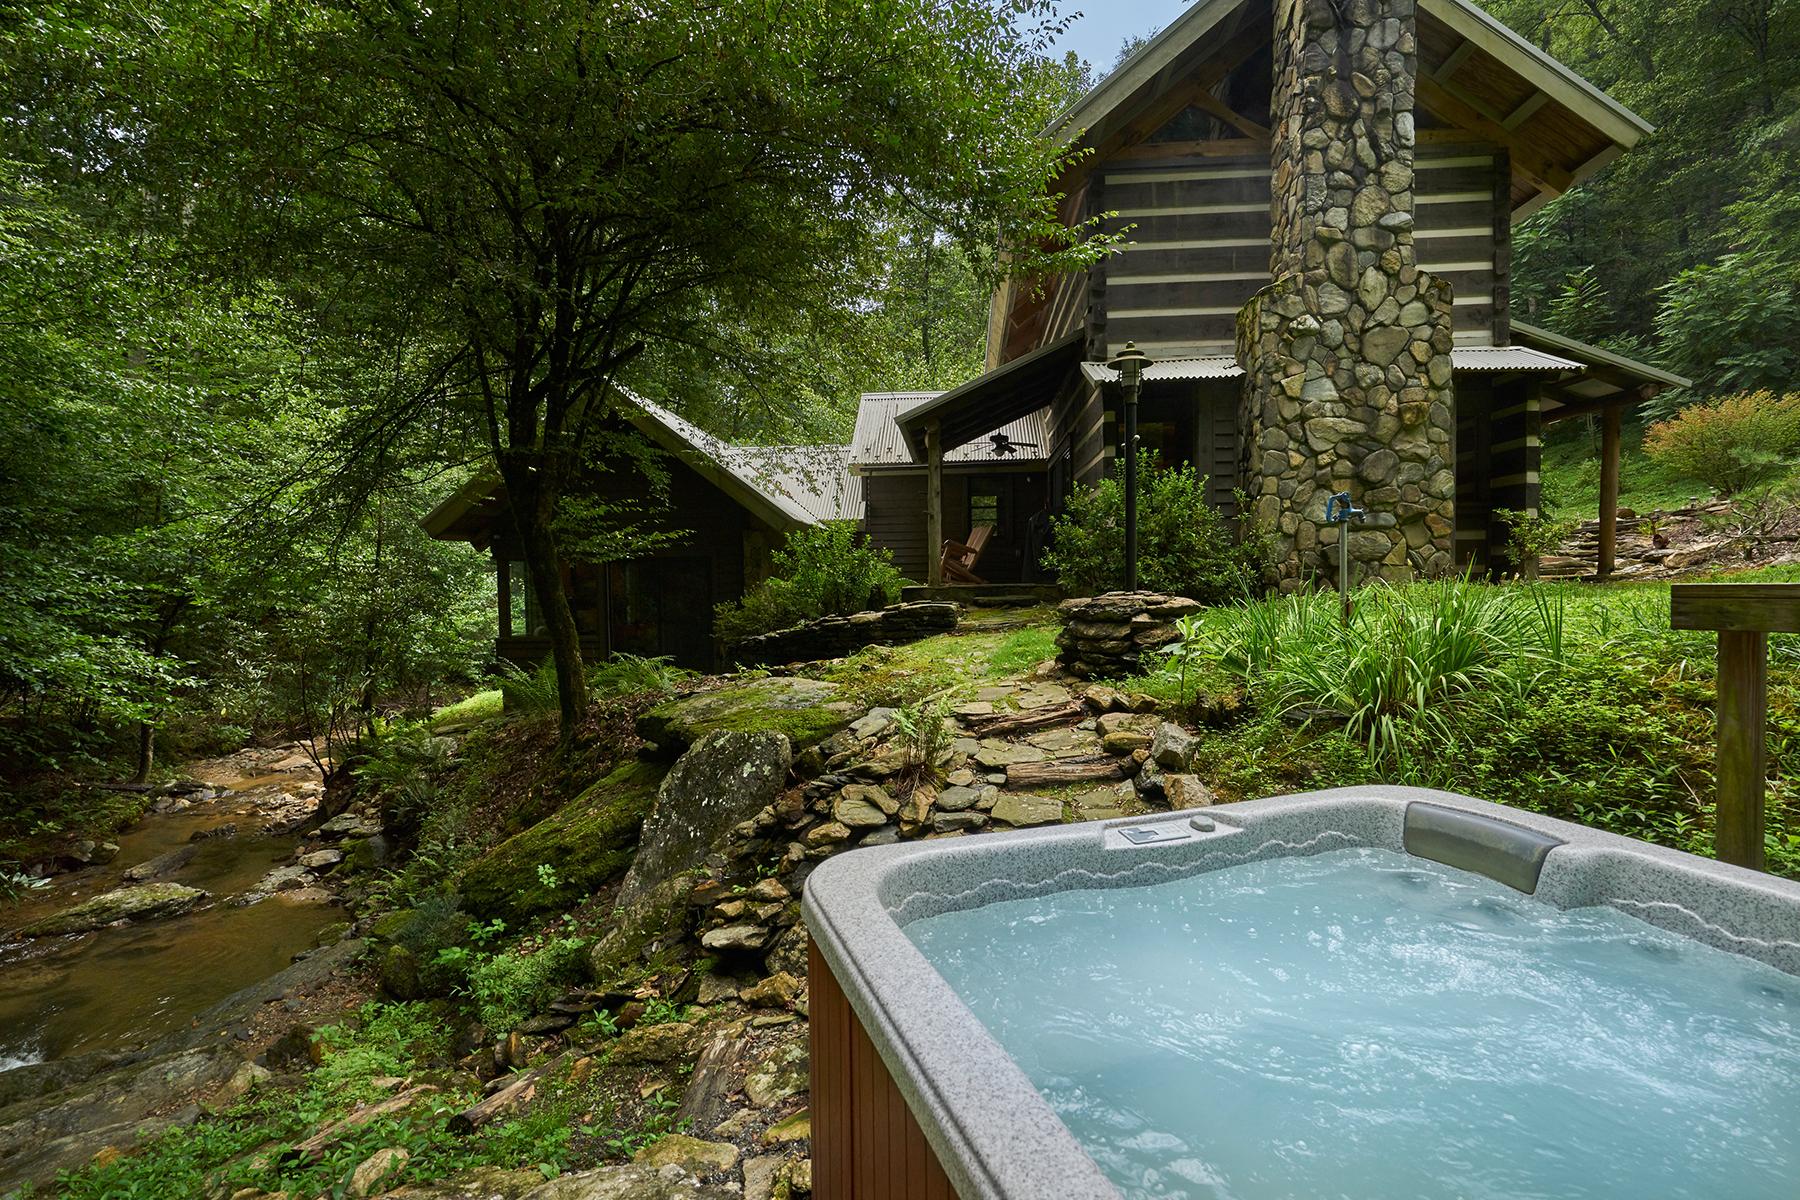 Single Family Homes for Active at LEATHERWOOD MOUNTAIN - FERGUSON 760 Elk Ridge Rd Ferguson, North Carolina 28624 United States